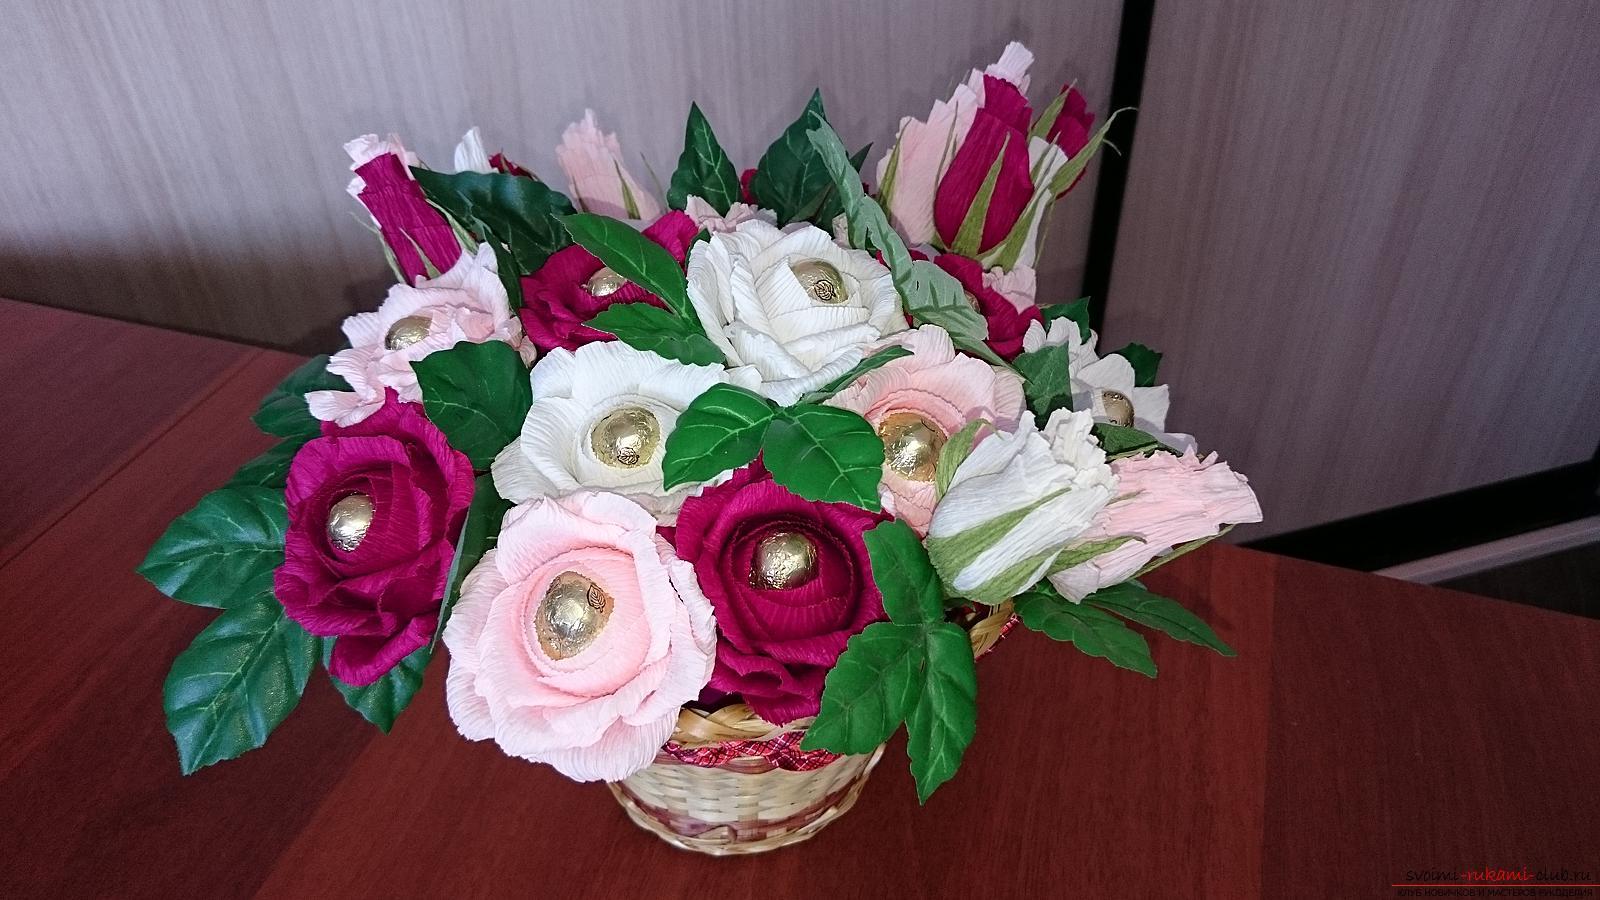 Поделки из гофрированной бумаги букеты цветов с конфетами внутри 52